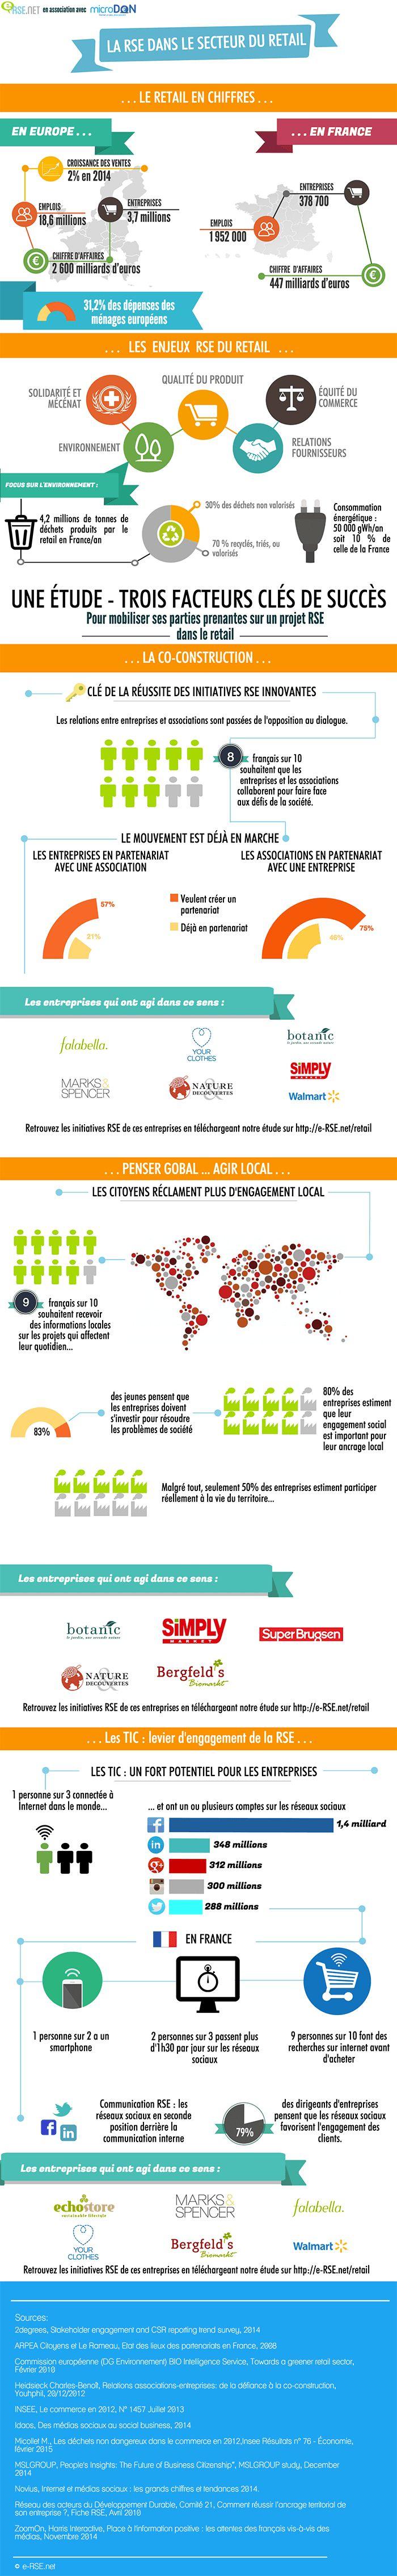 80% des Français souhaitent qu'entreprises et associations travaillent de concert pour relever les défis de société. #RH #RSE